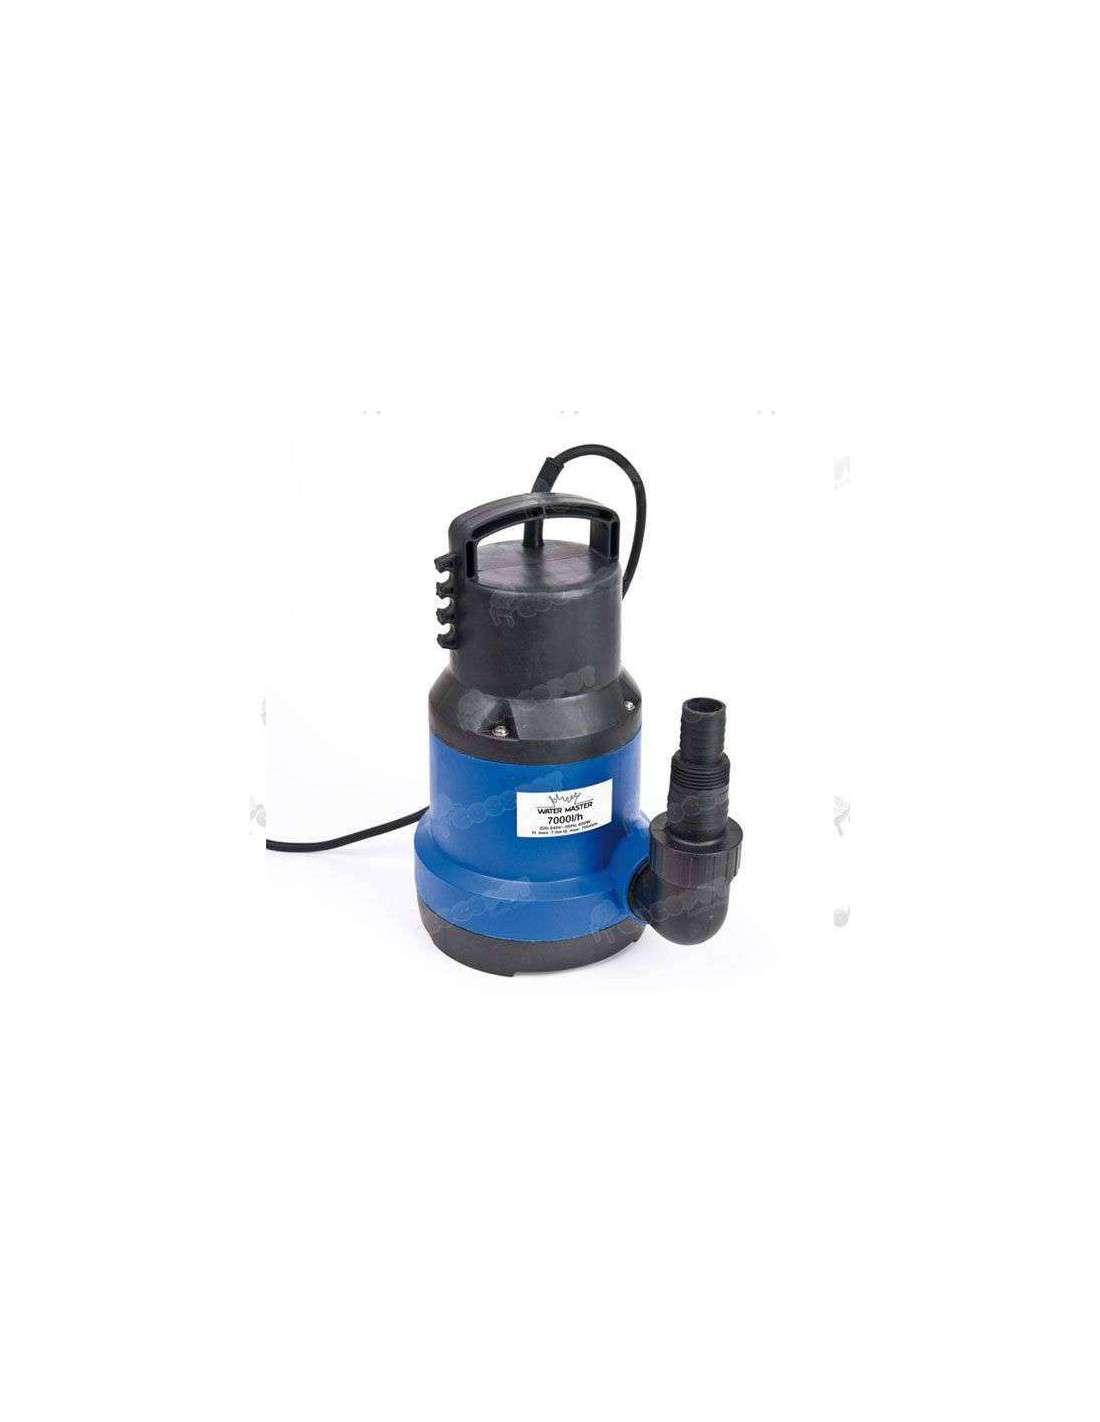 Bomba de riego 7000 litros hora cocopot huerto y jard n for Bomba para riego de jardin